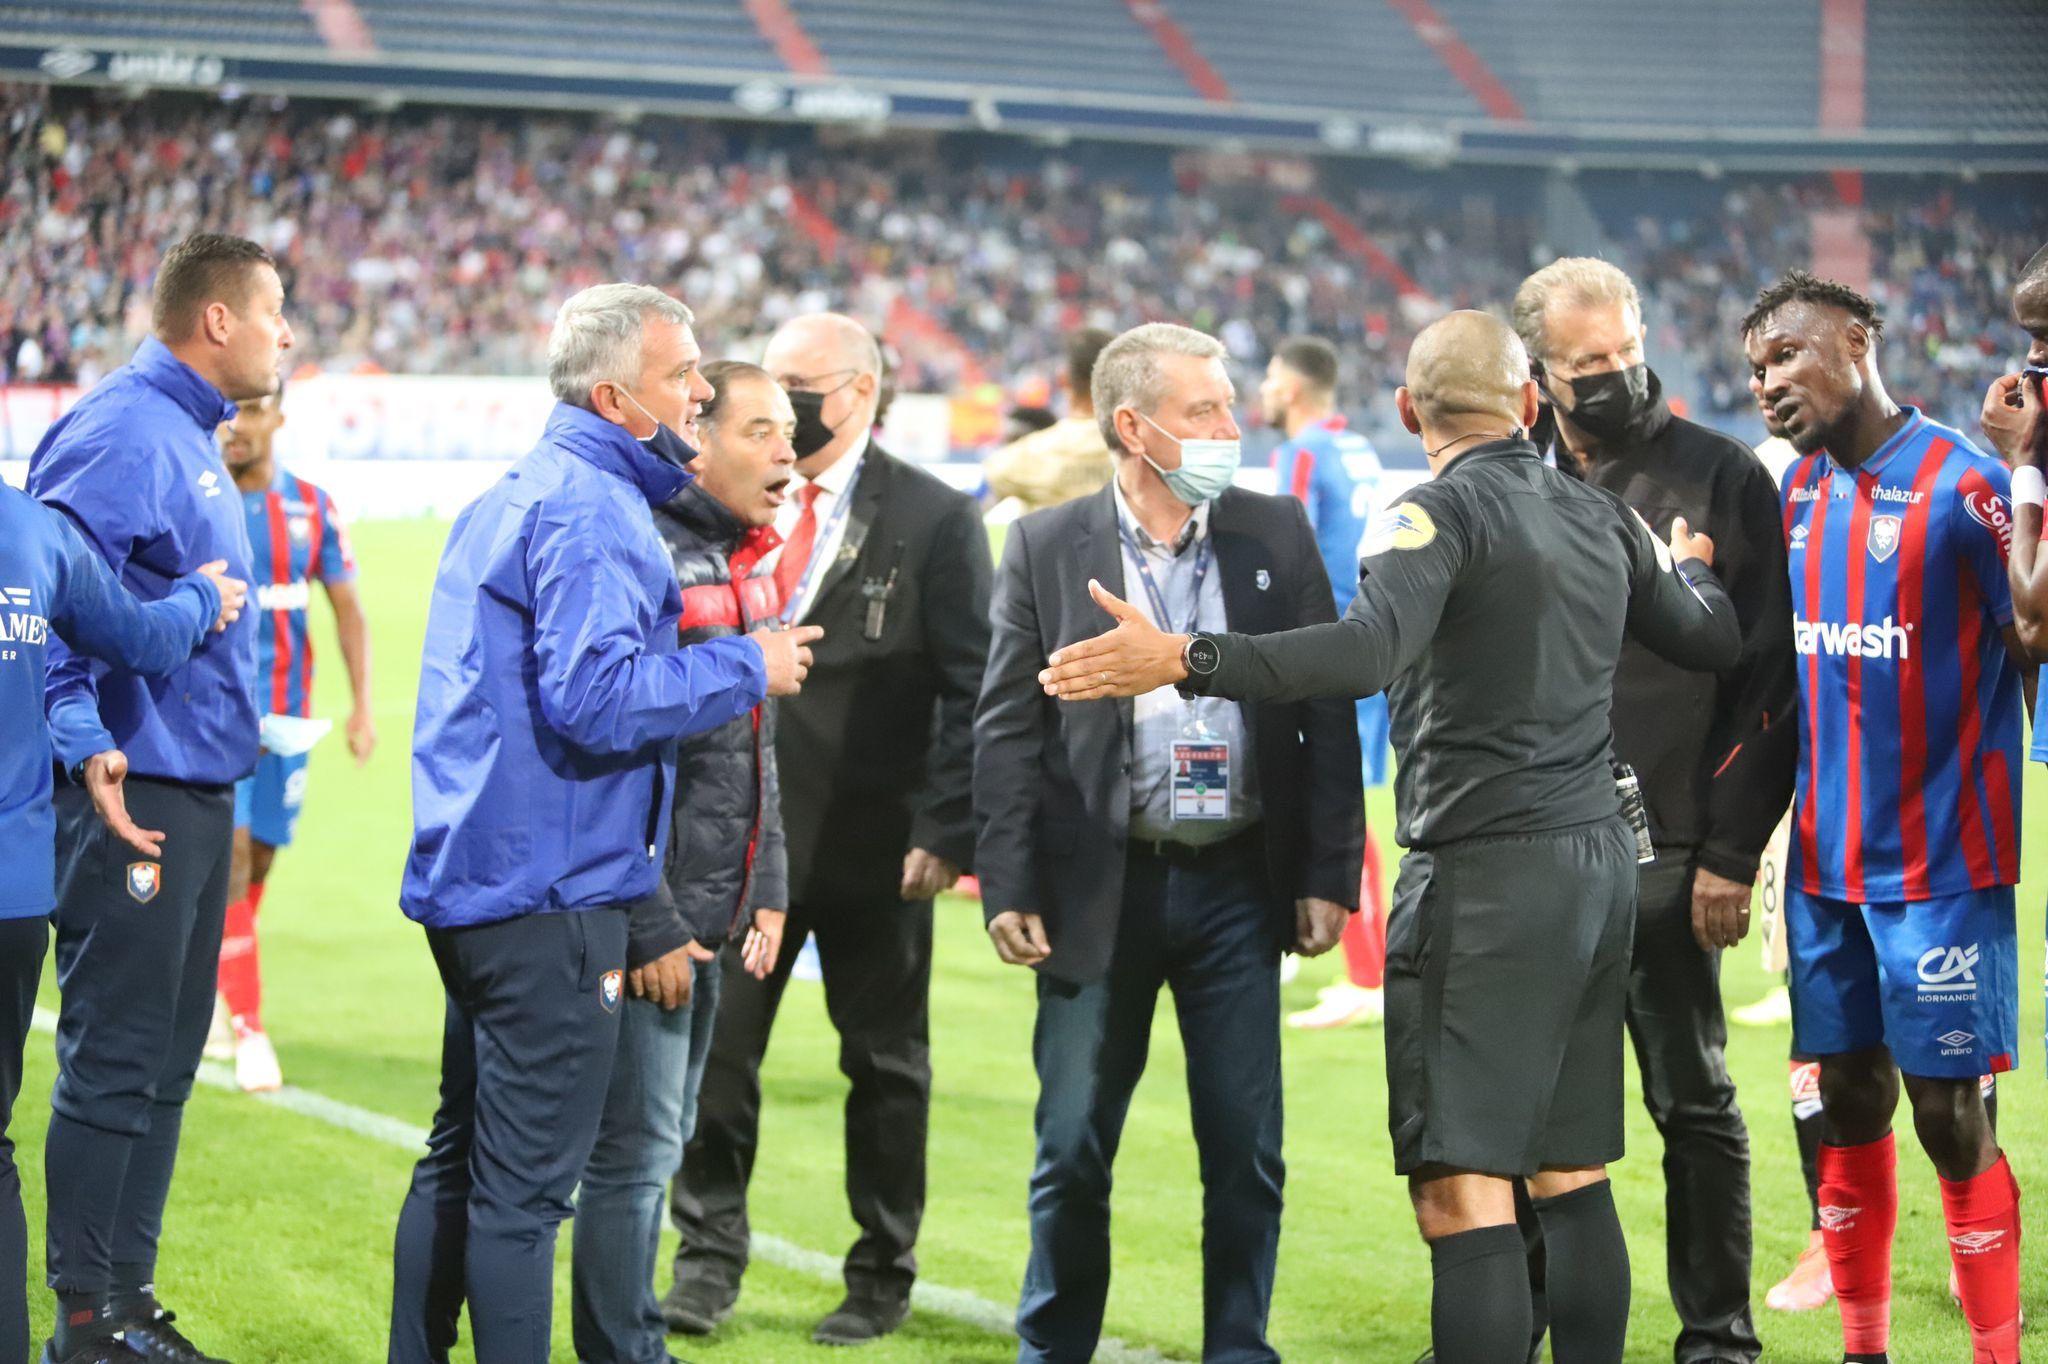 Victime d'un arbitrage indigne, Caen s'incline face à Dijon (0-1)